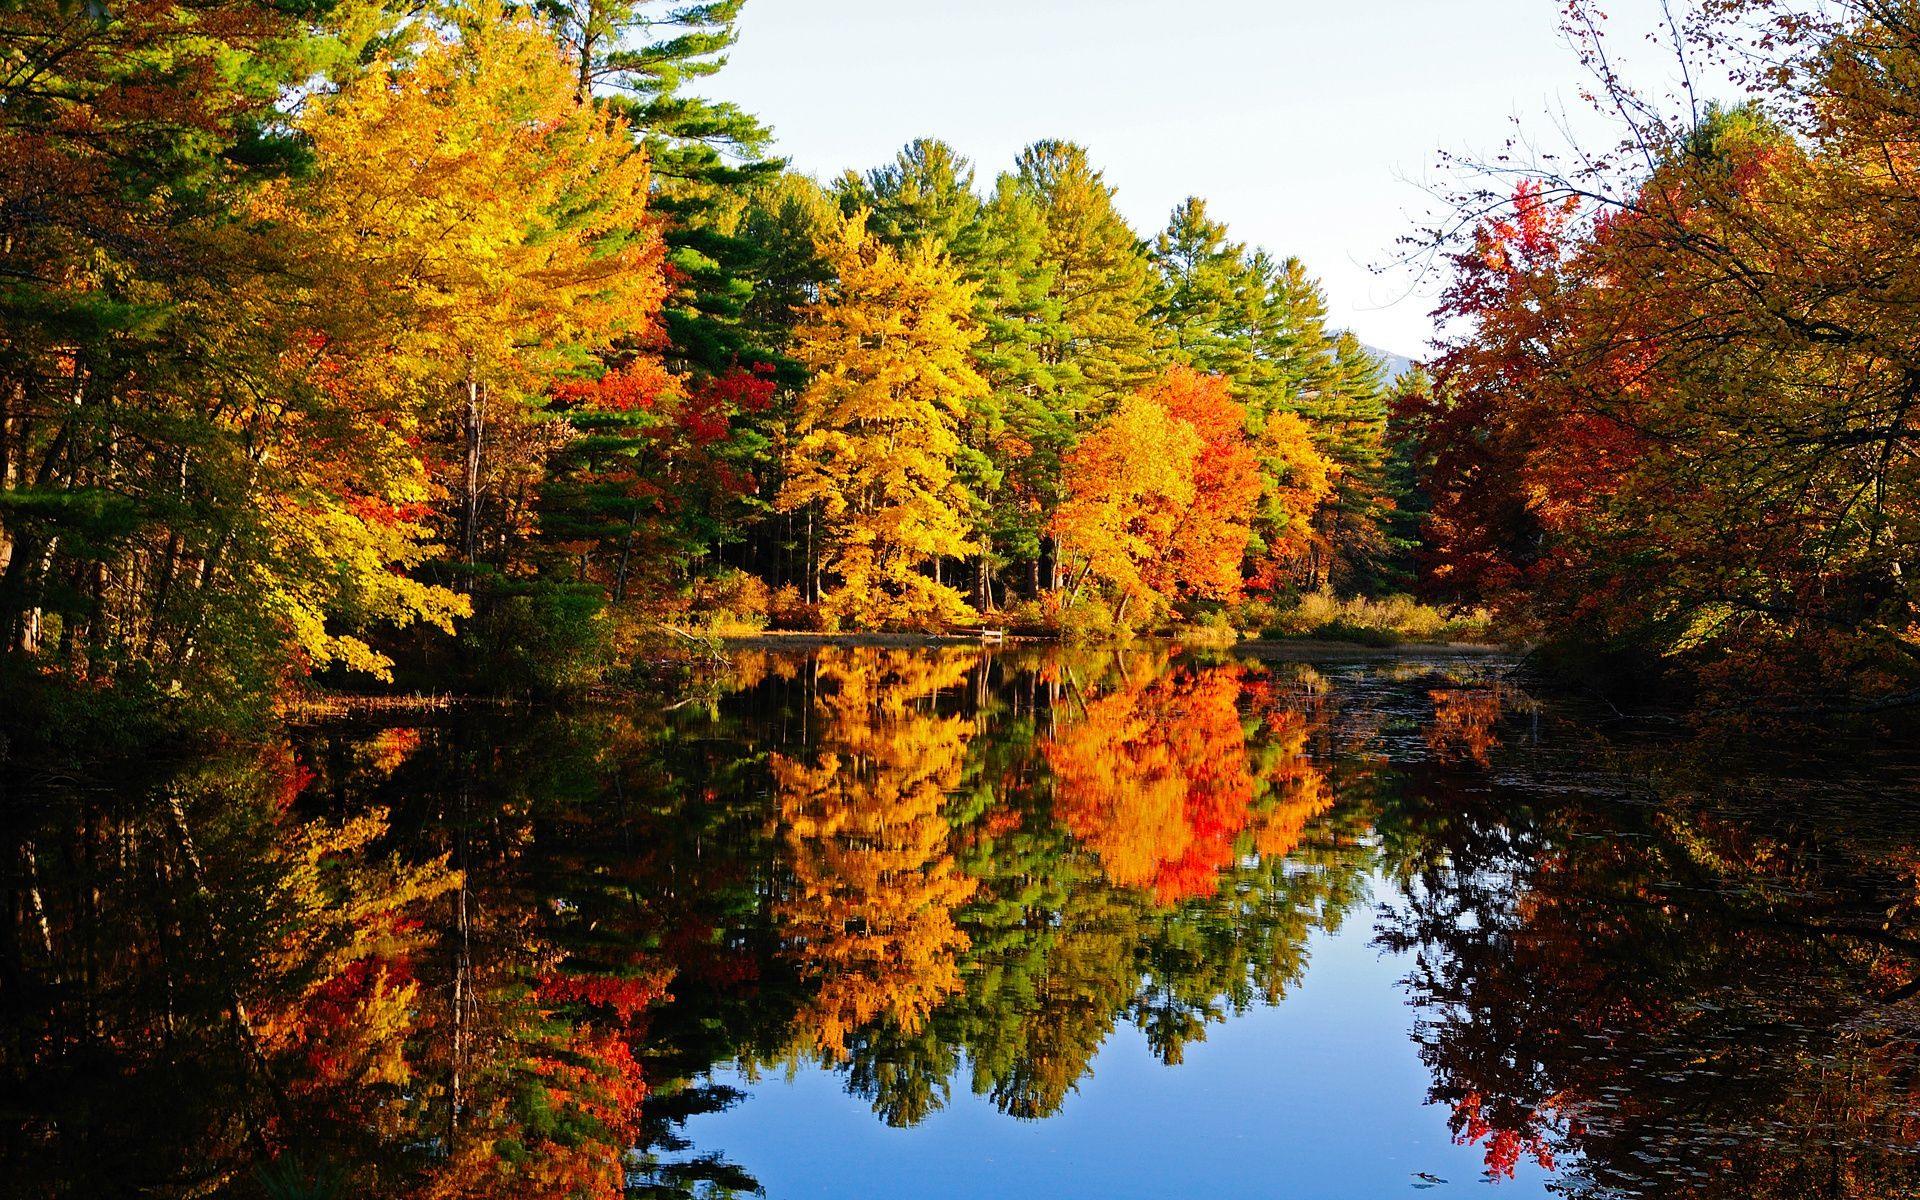 Картинки осень на рабочий стол (50 фото) • Прикольные ...